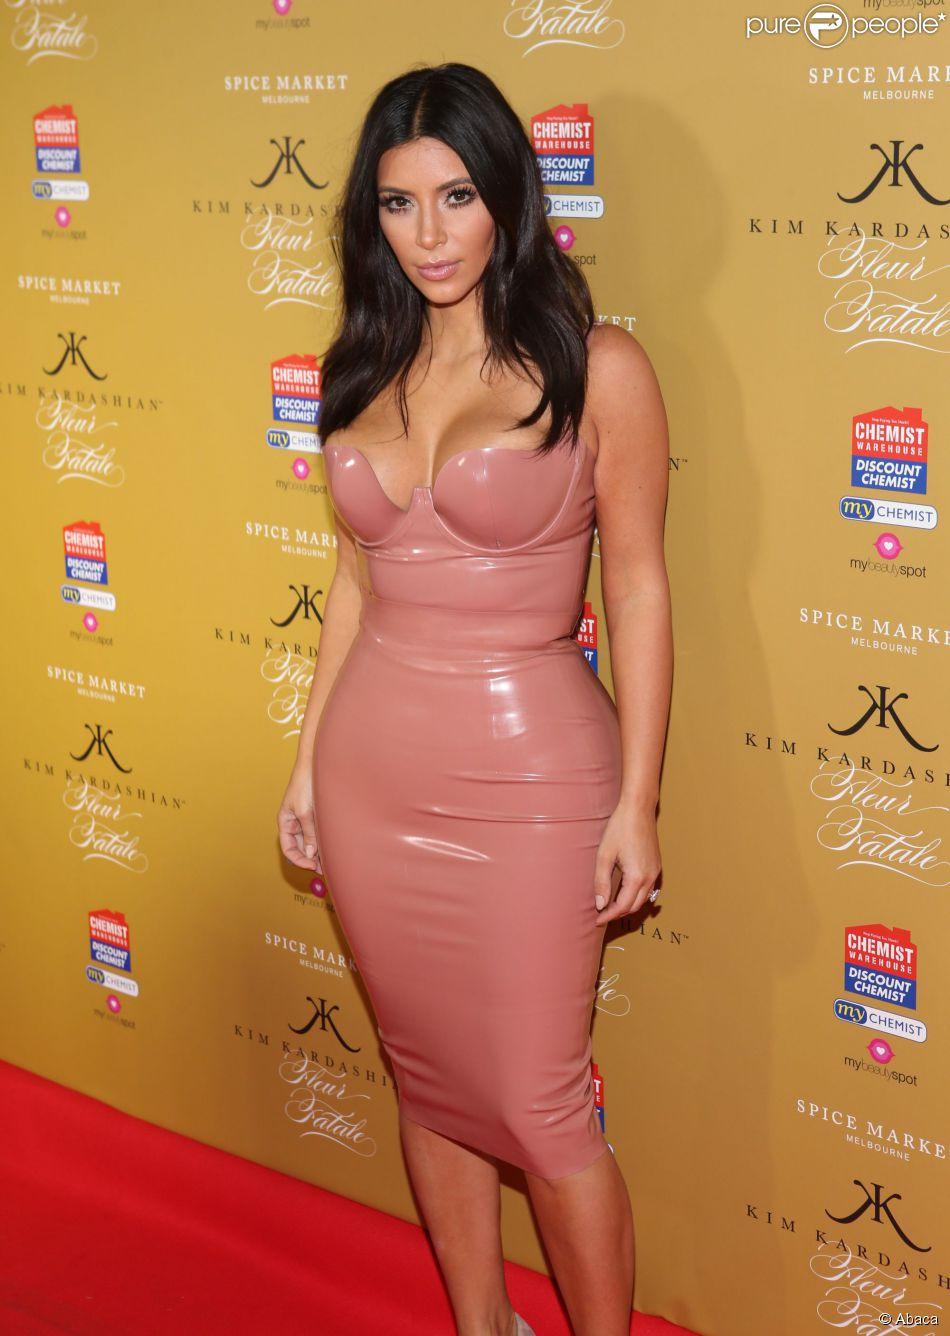 Kim Kardashian, divine dans sa tenue en latex Atsuko Kudo et chaussée de souliers Giuseppe Zanotti, célèbre la sortie de son nouveau parfum, Fleur Fatale, au Spice Market à Melbourne. Le 18 novembre 2014.